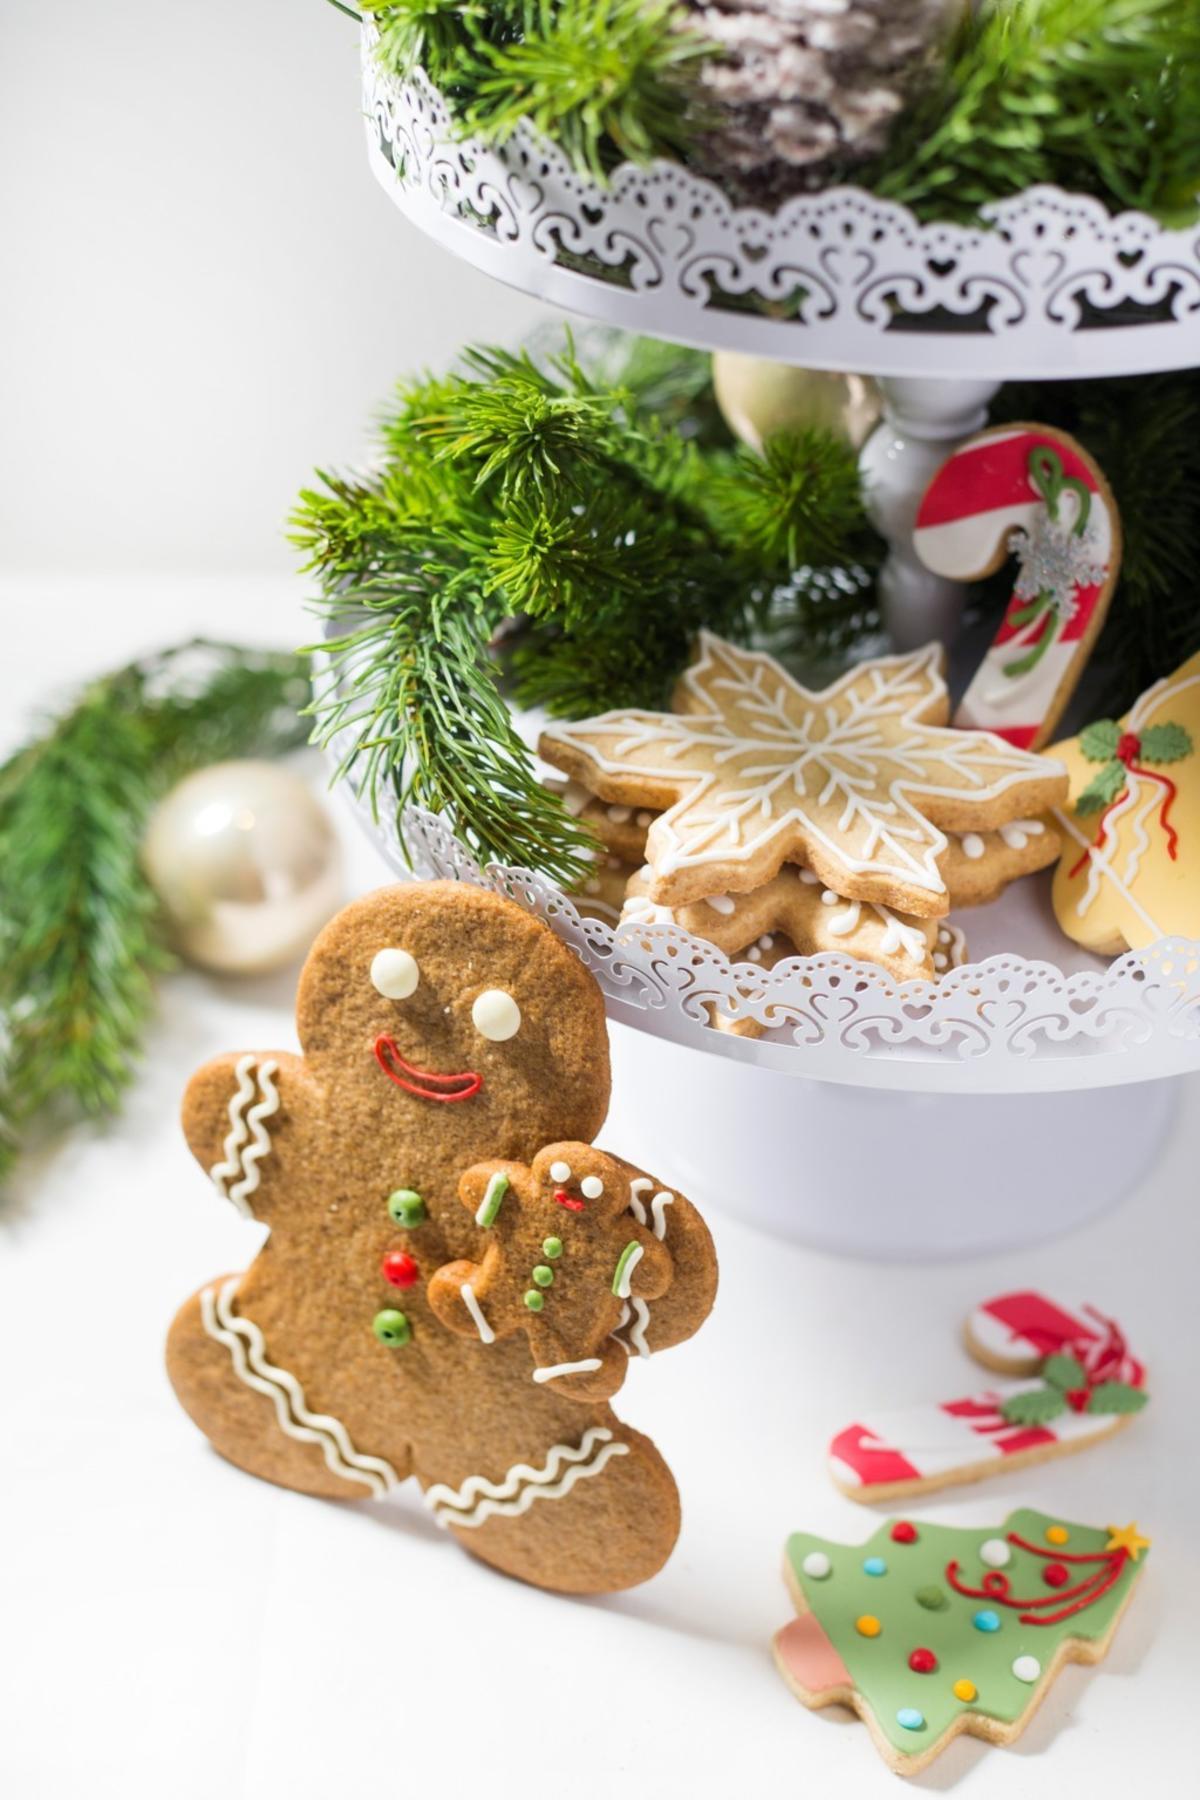 I dolci di Natale che non possono mancare sotto l'albero!